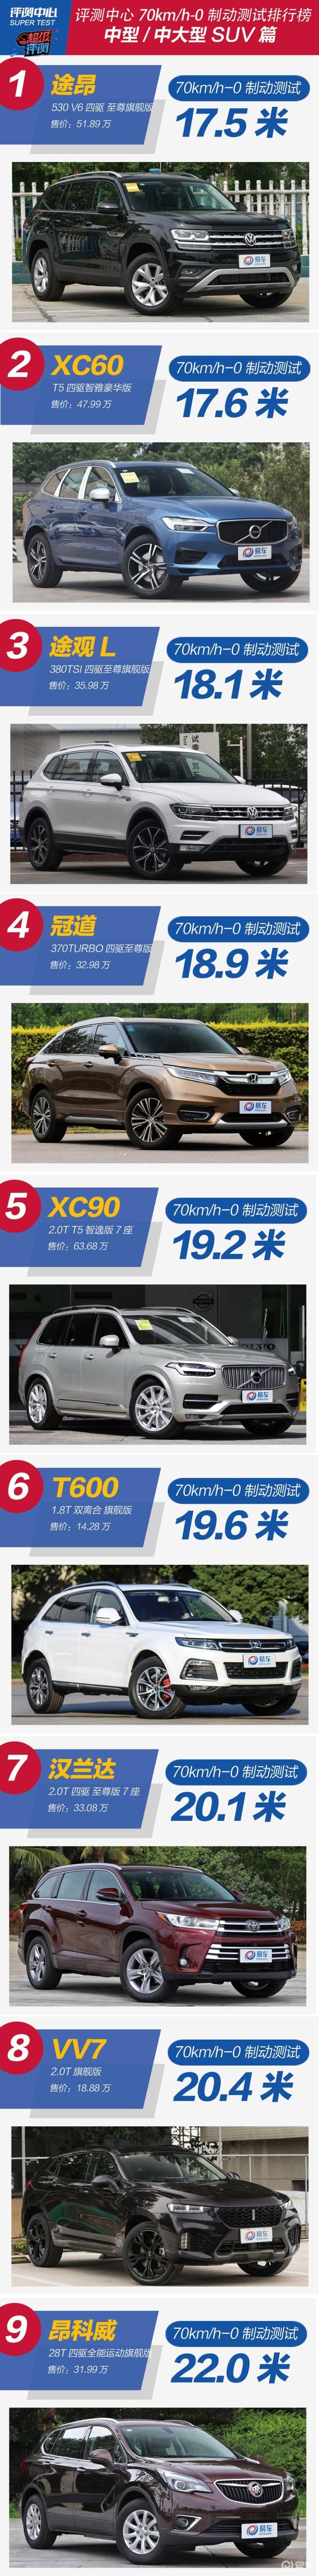 评测中心中型/中大型SUV刹车排行榜 途昂/XC60/途观L排名领先